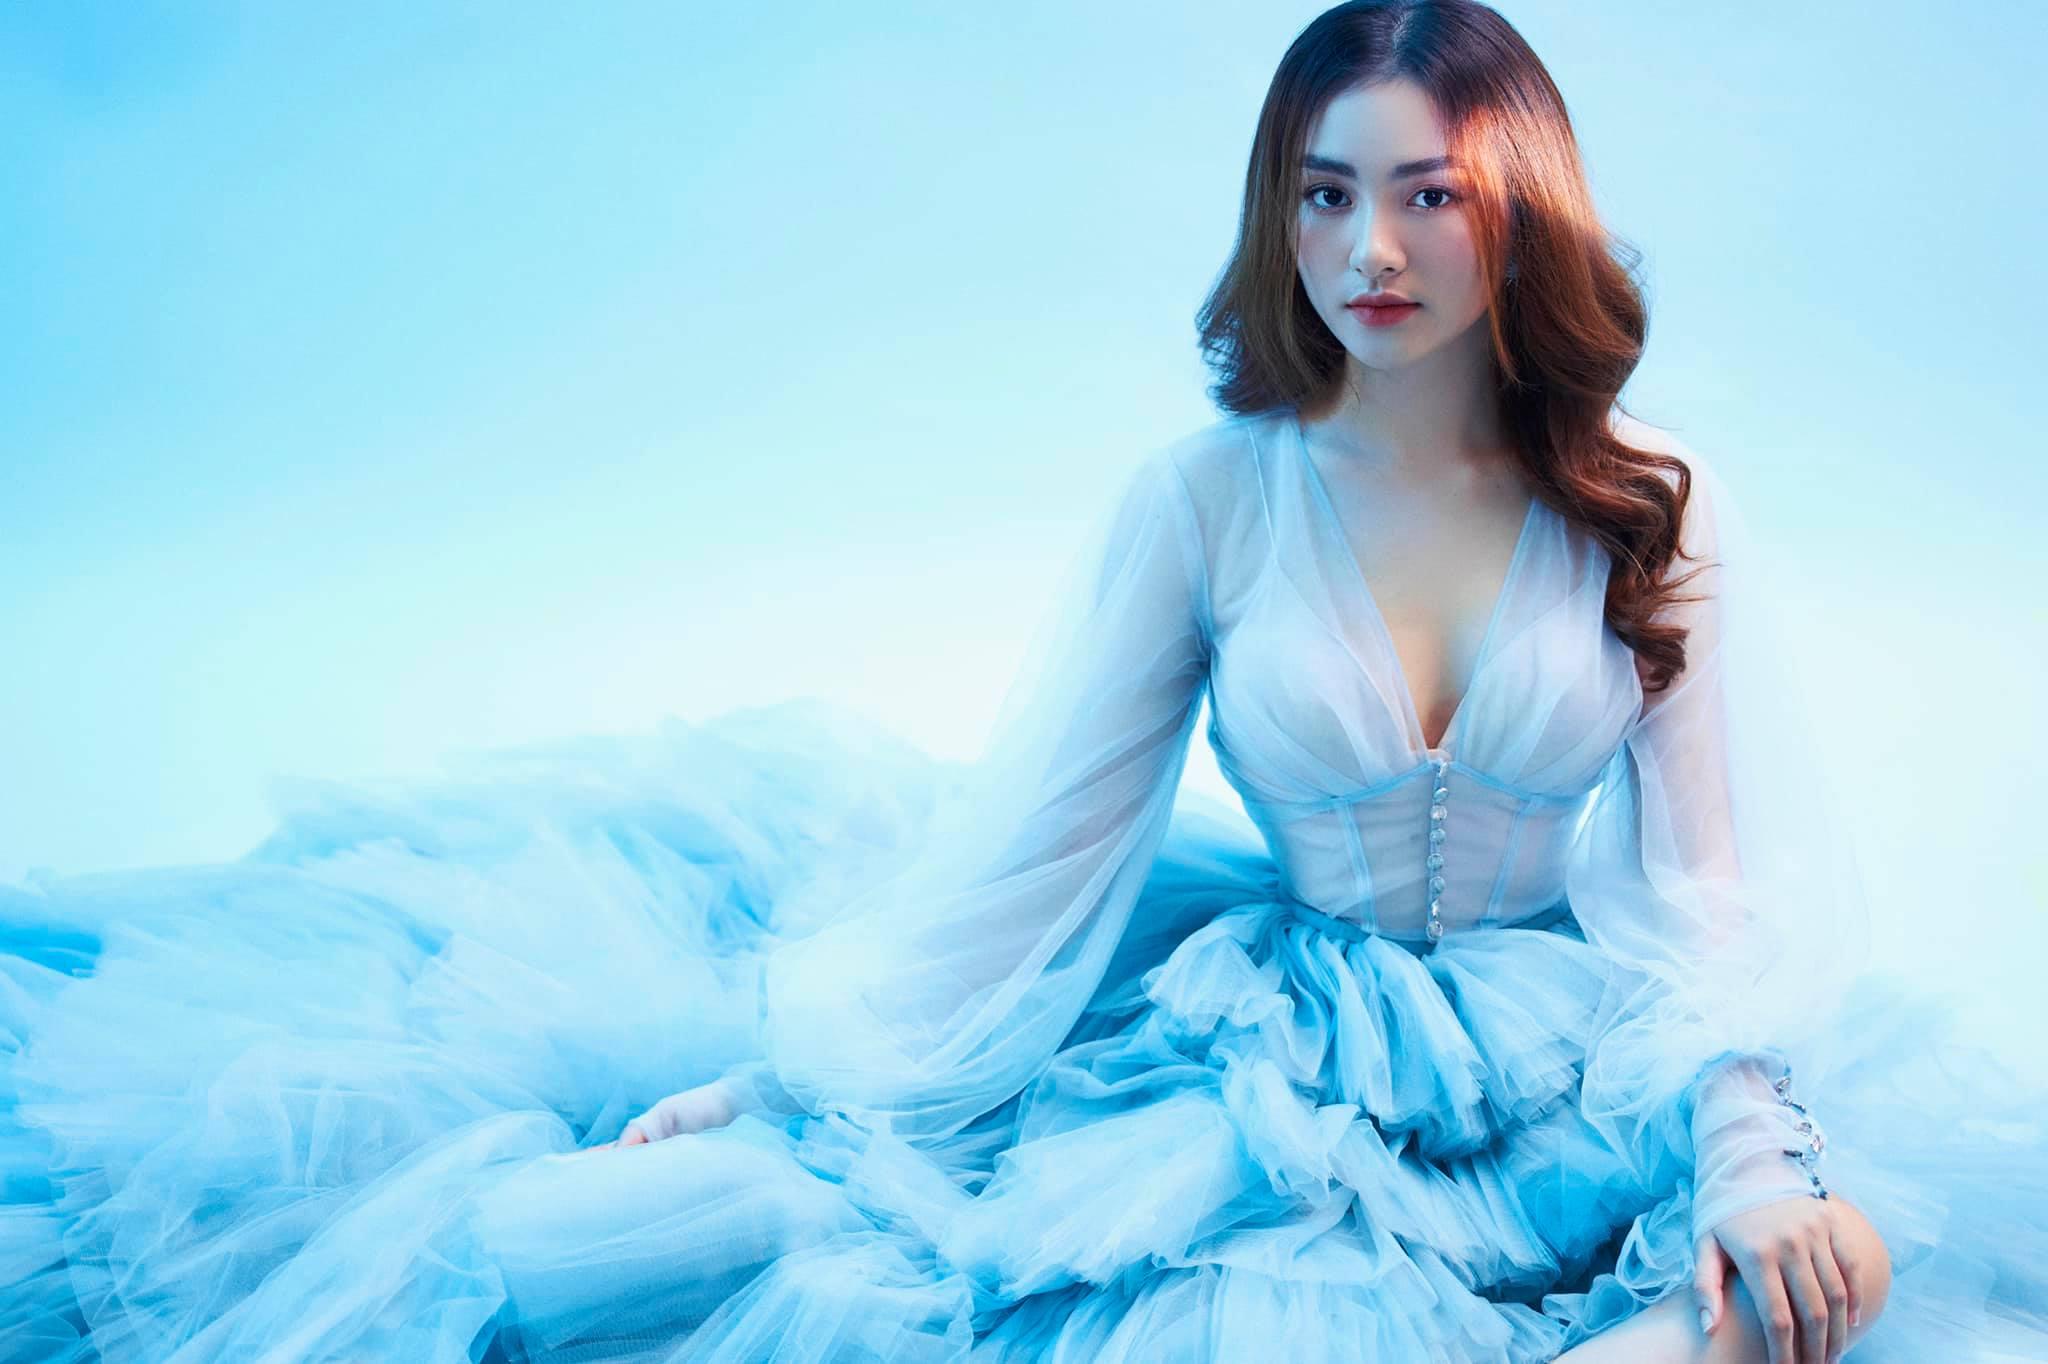 """Nữ sinh Tiền Giang """"gây bão tranh cãi"""" vì quá xinh đẹp, được dự đoán làm hoa hậu - ảnh 6"""